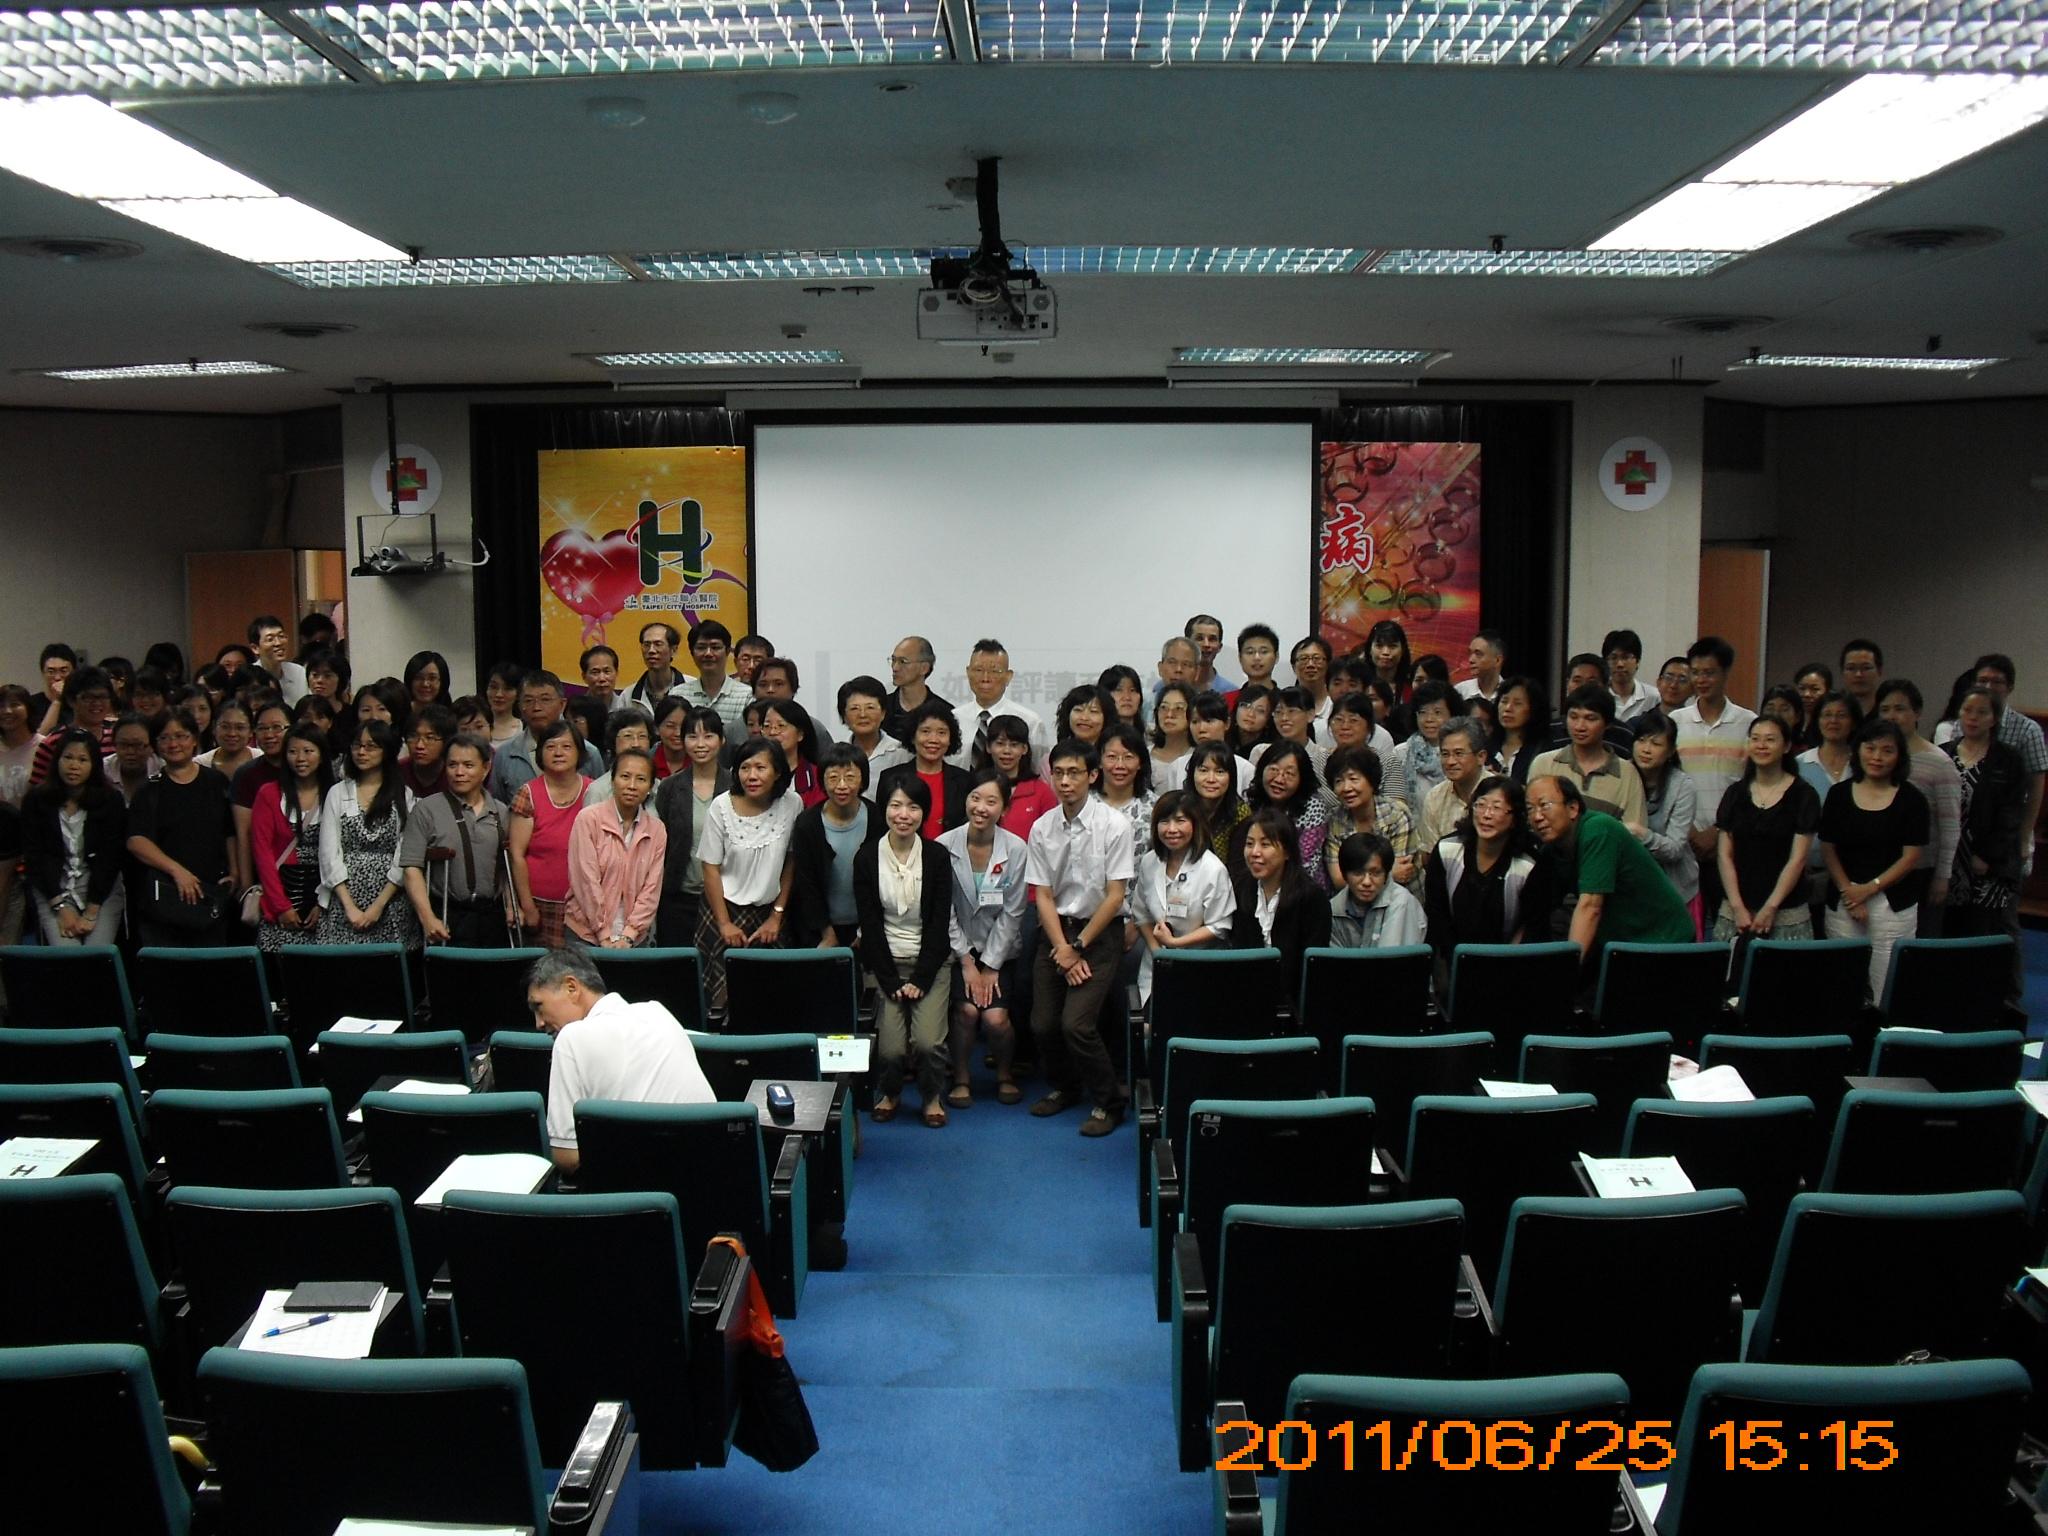 藥劑科研討會專區_101實證藥學研討會